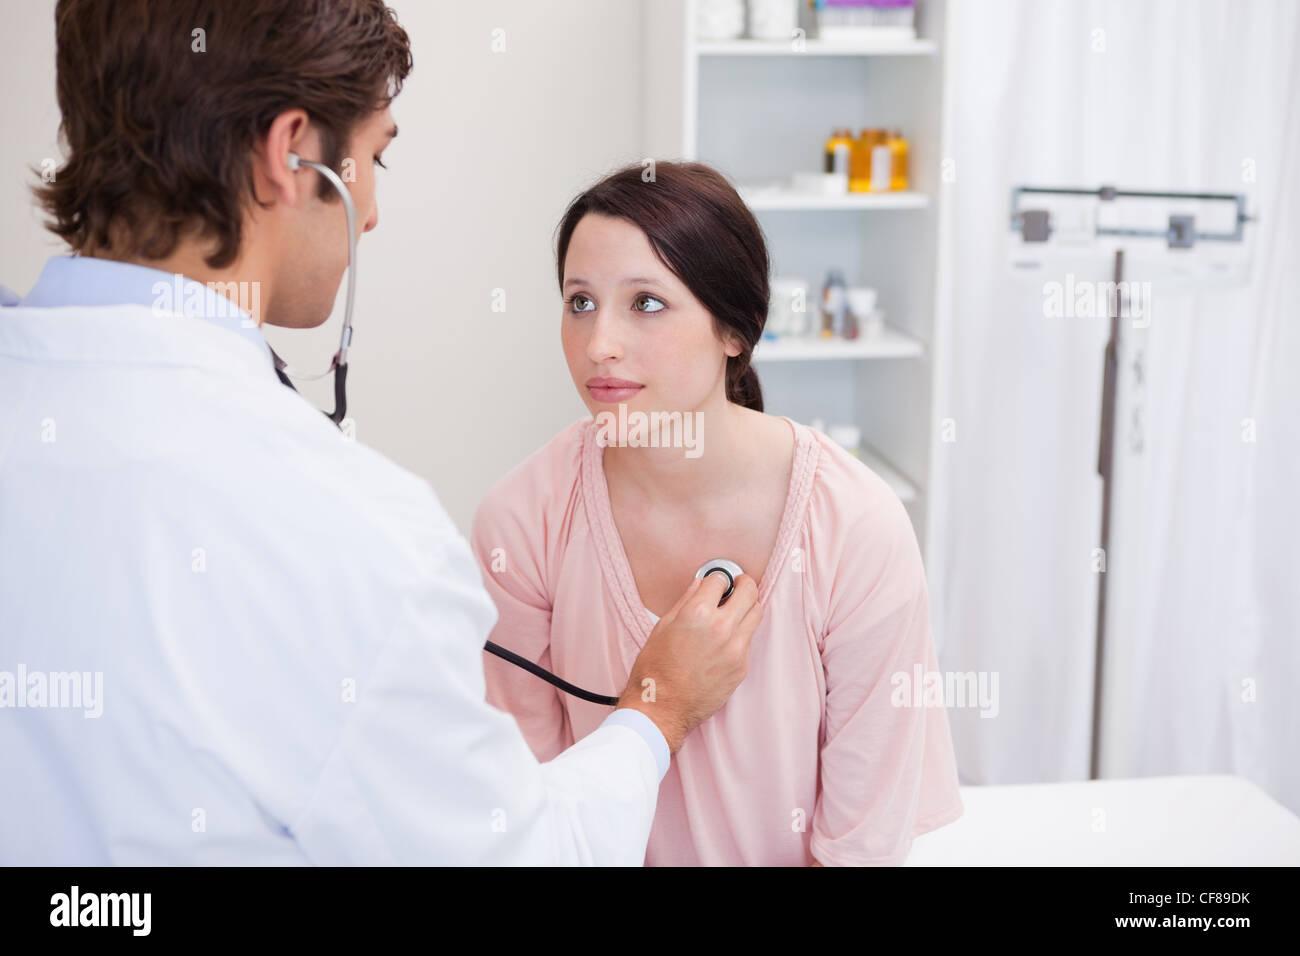 Jeune médecin de prendre son rythme cardiaque des patients Photo Stock